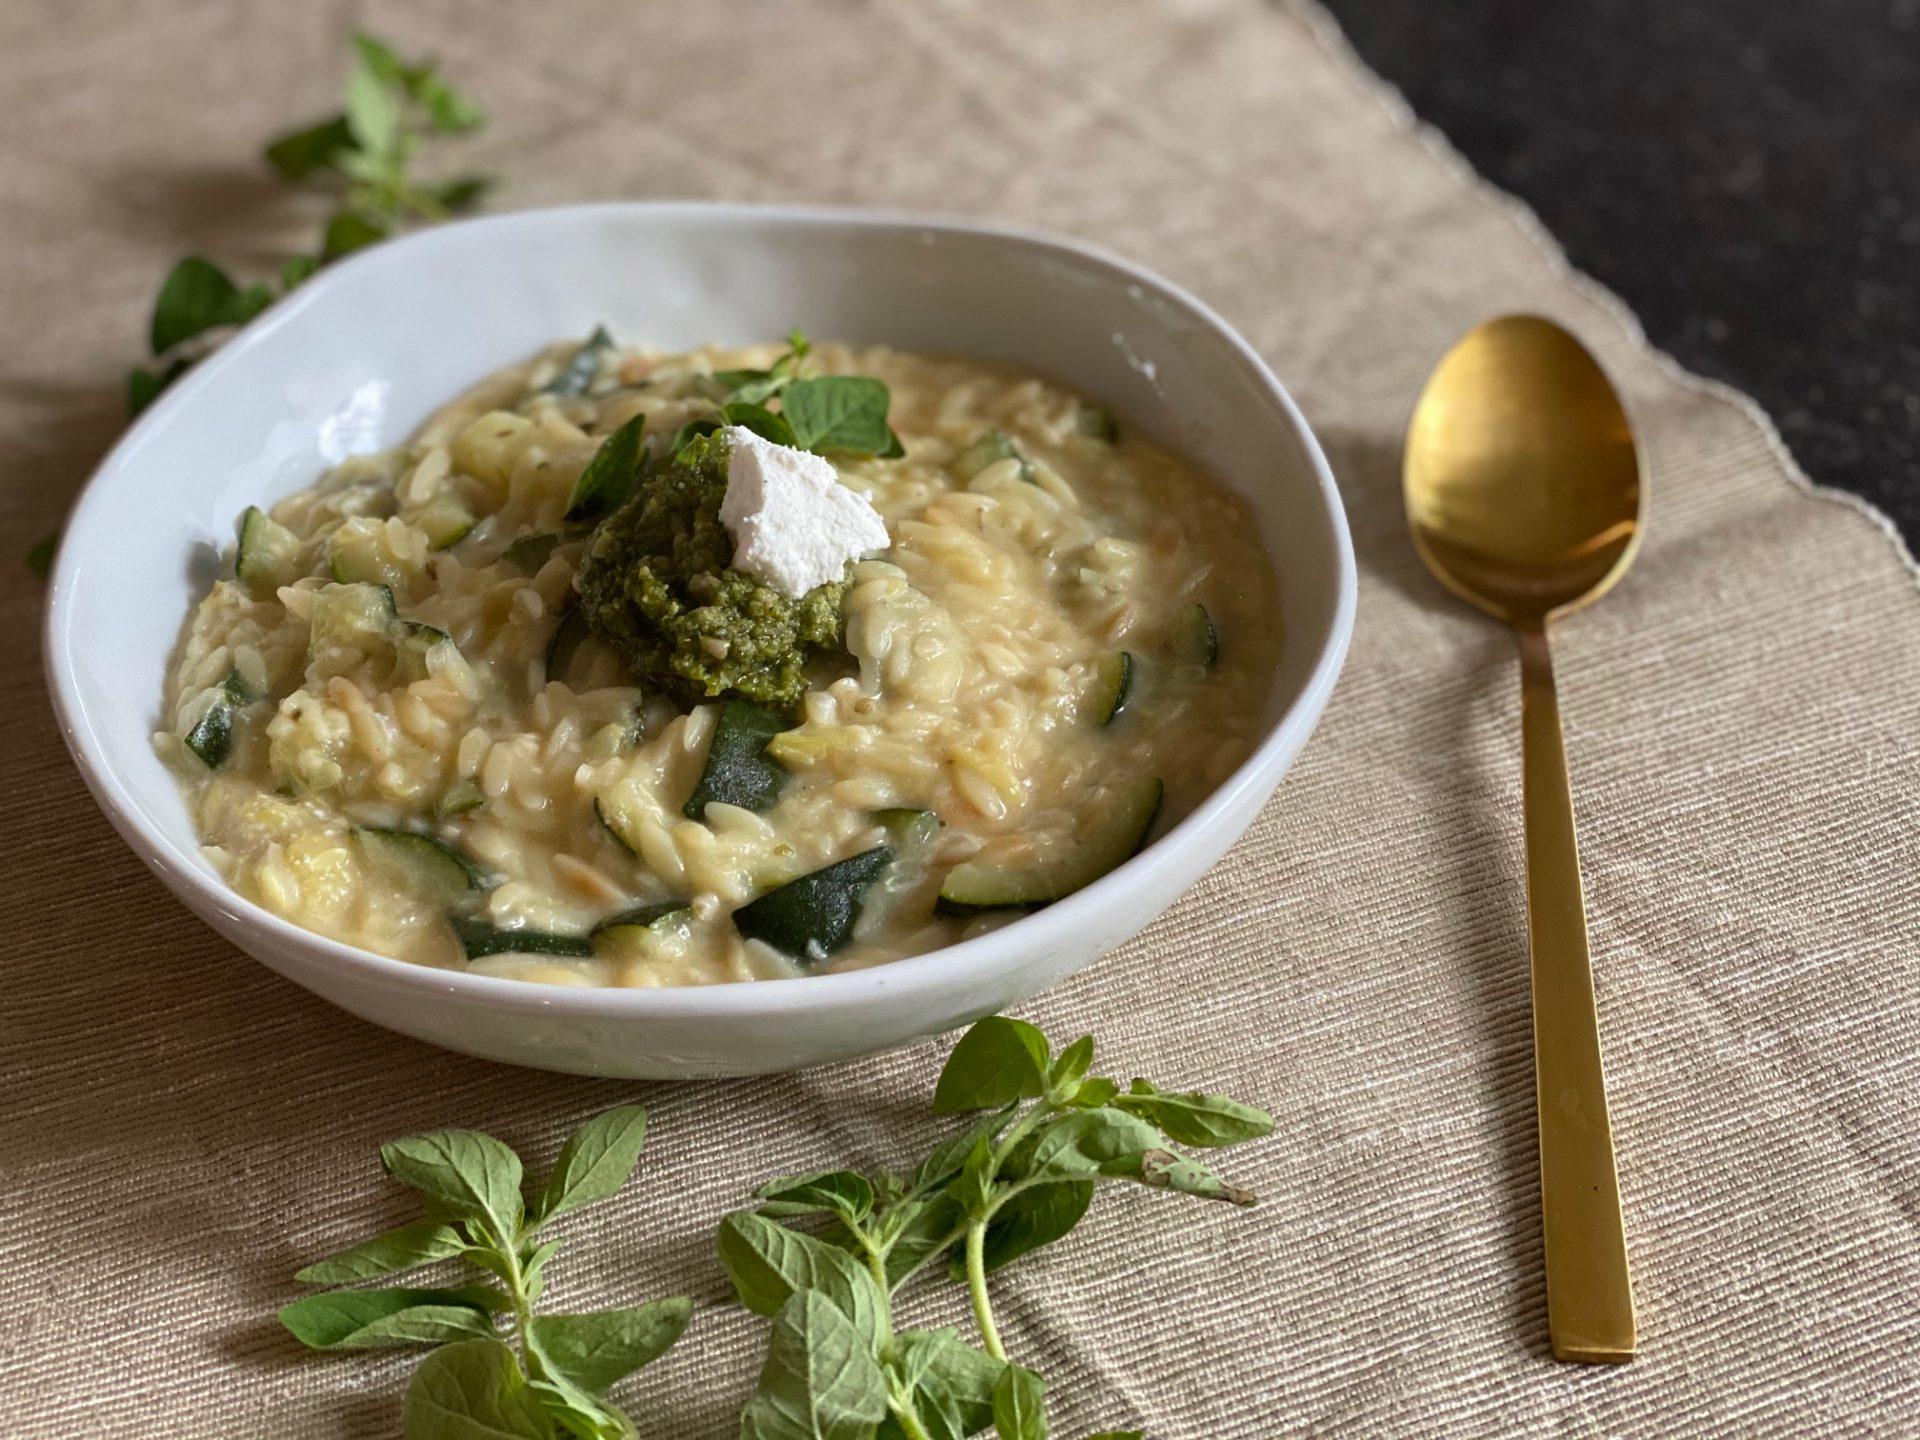 Orzotto met courgette, geitenkaas en pesto - Recept van Foodblog Foodinista